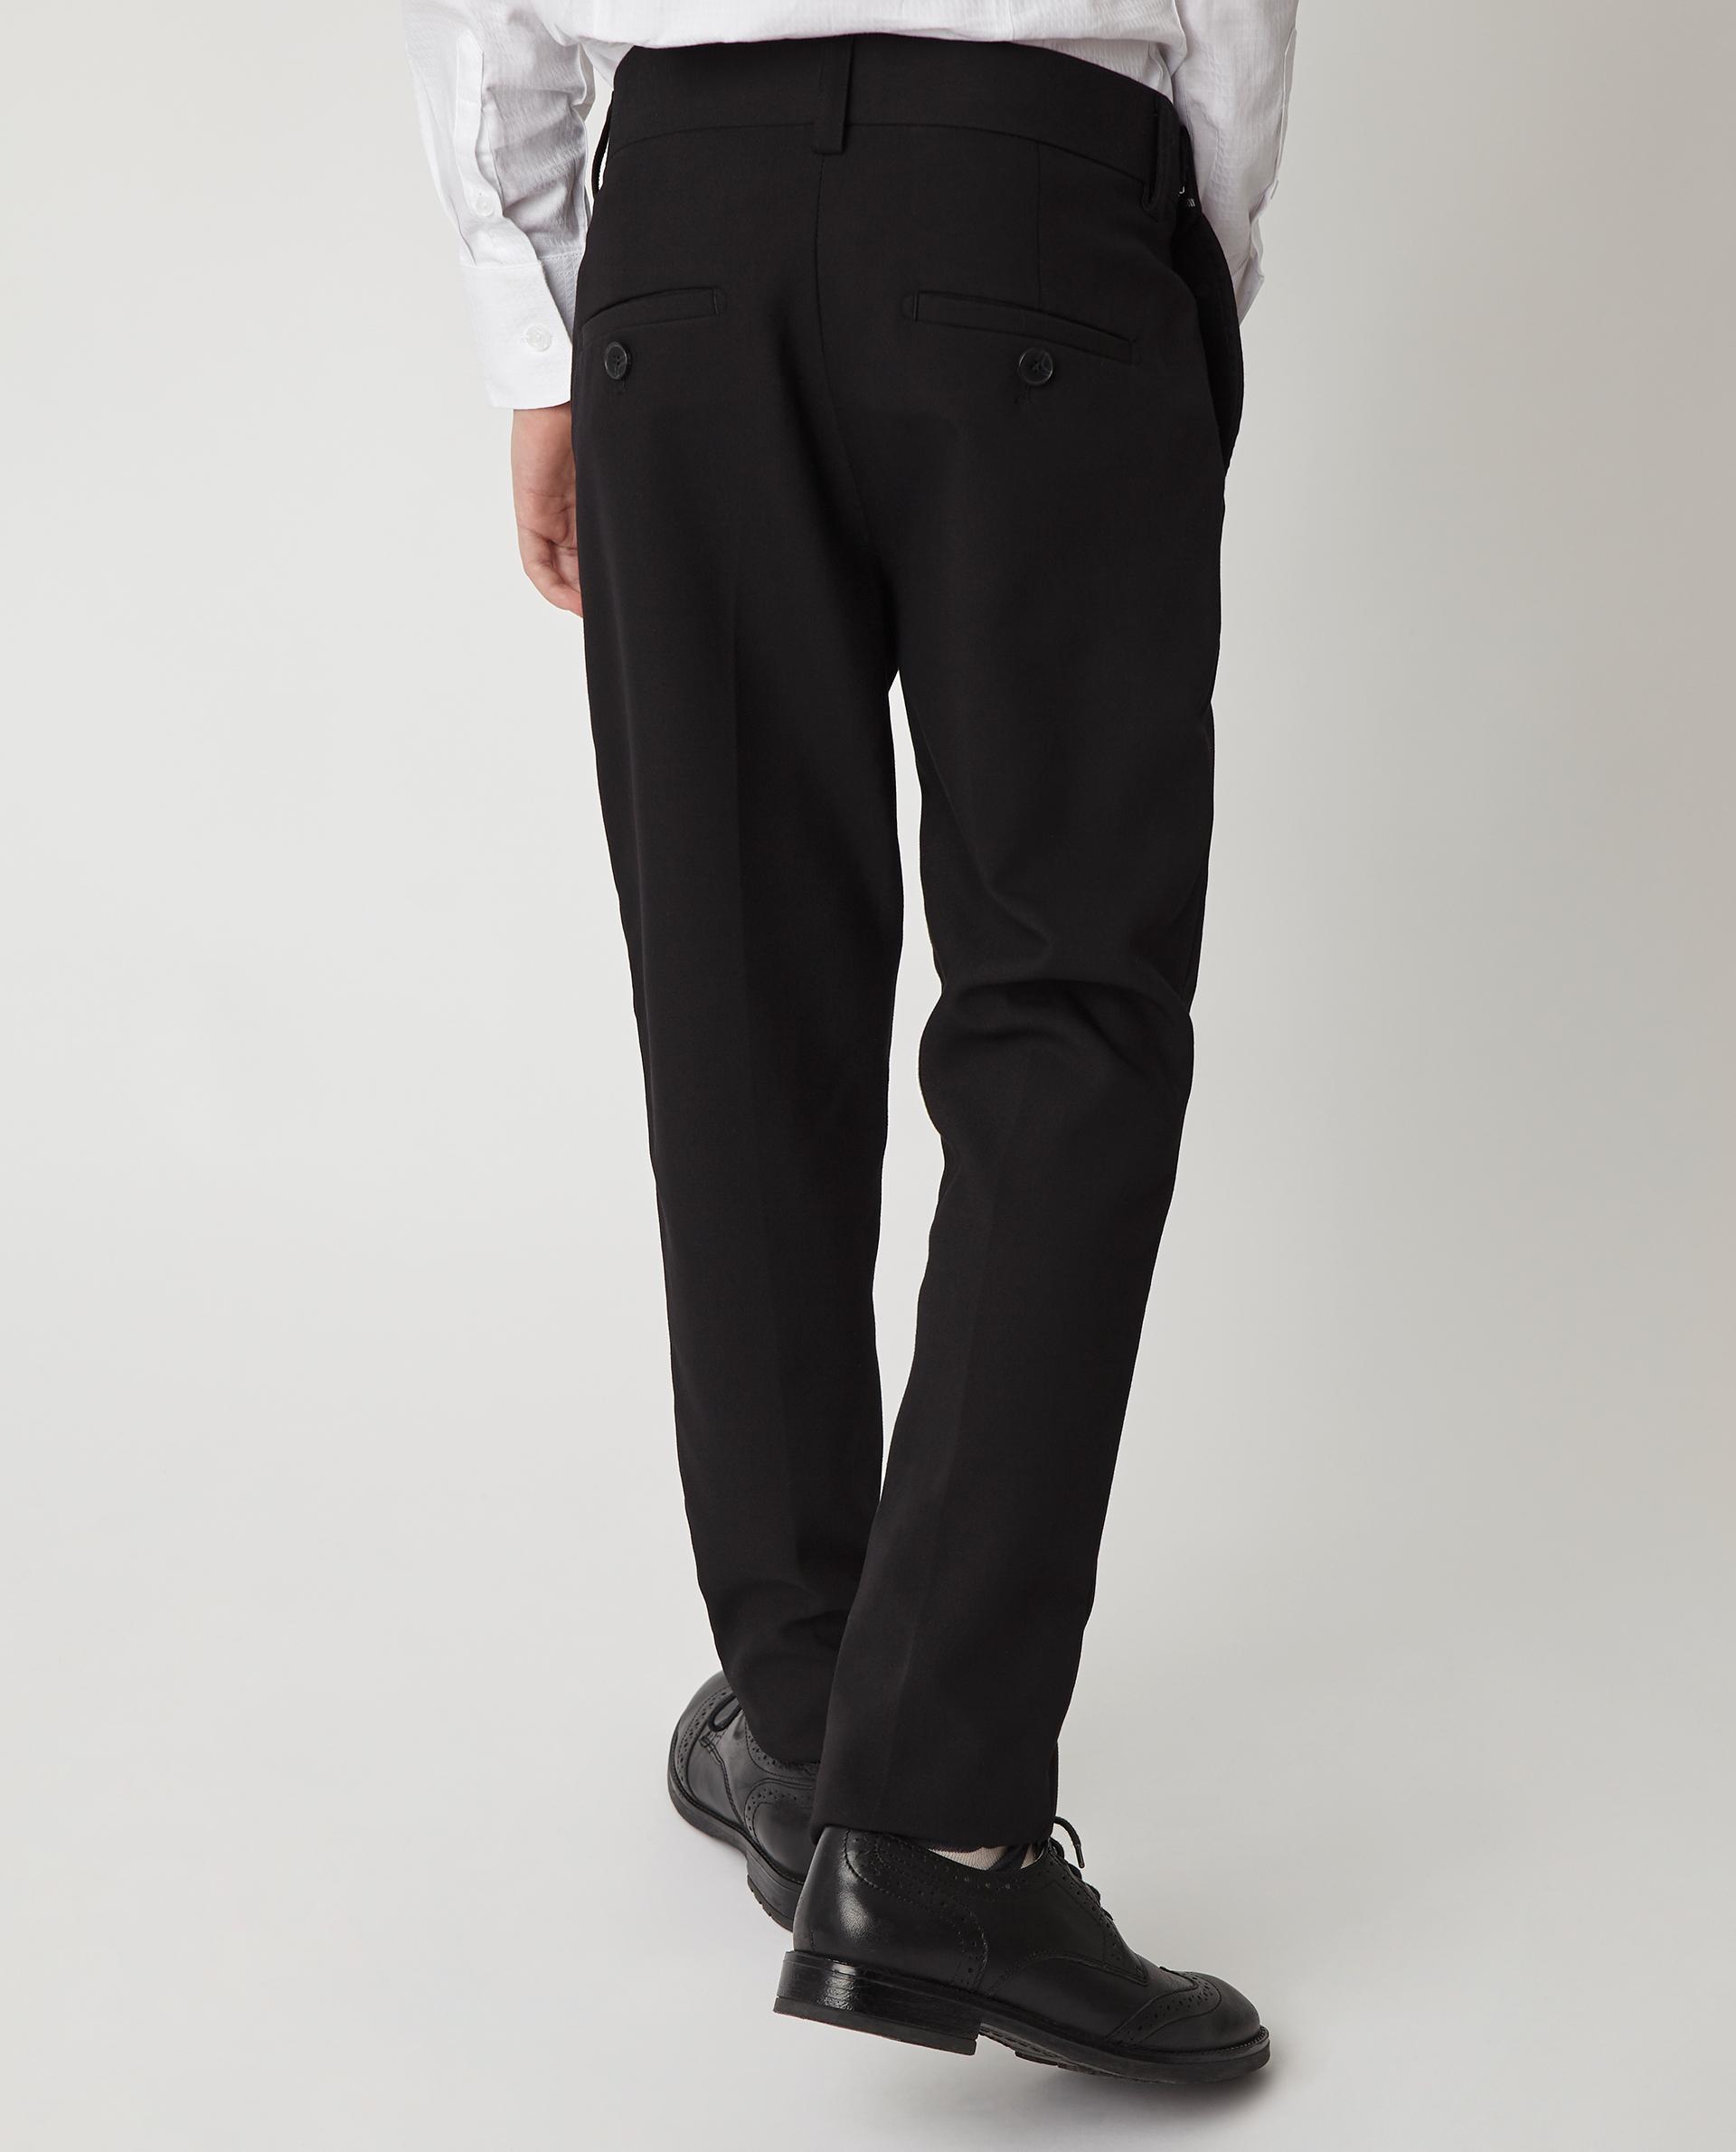 Купить Черные узкие брюки Gulliver 220GSBC6304, размер 170, Брюки для мальчиков